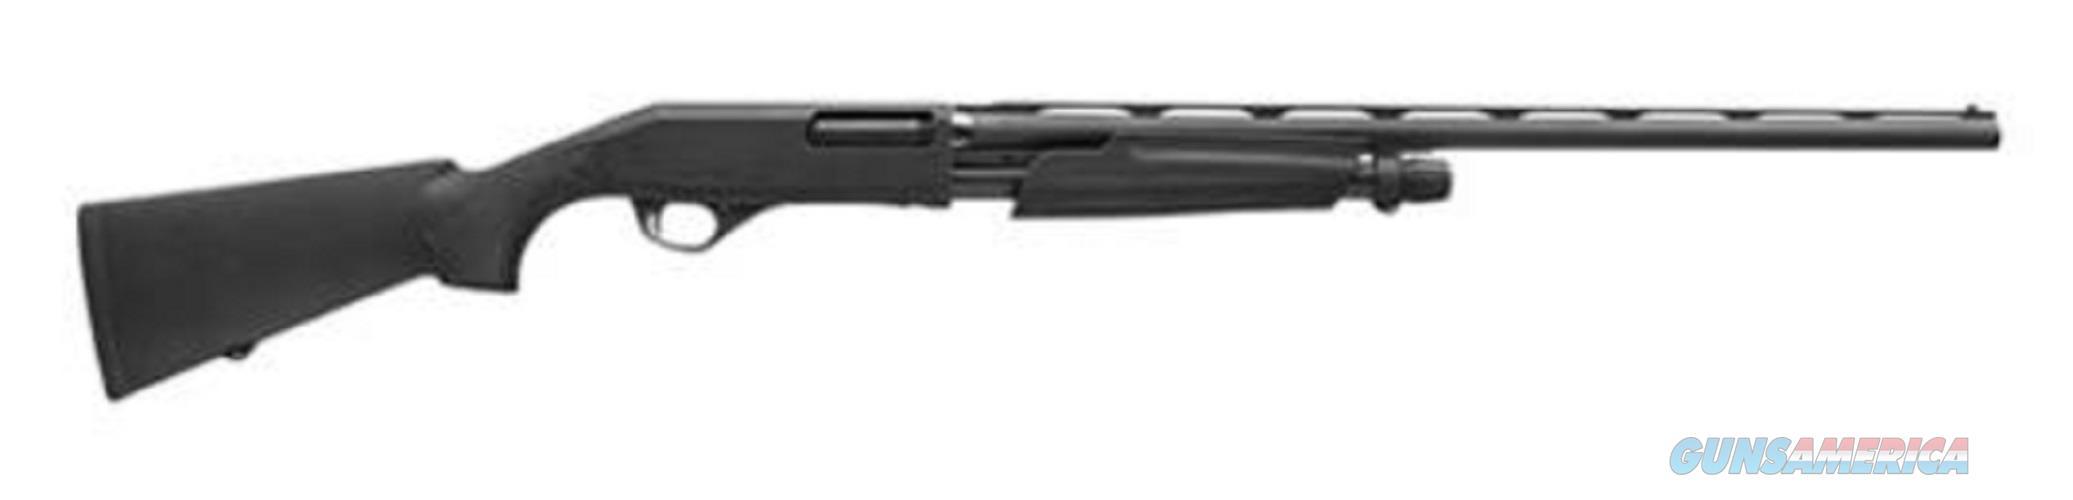 Stoeger P3000 12ga Black 26in 3in  Guns > Shotguns > Stoeger Shotguns